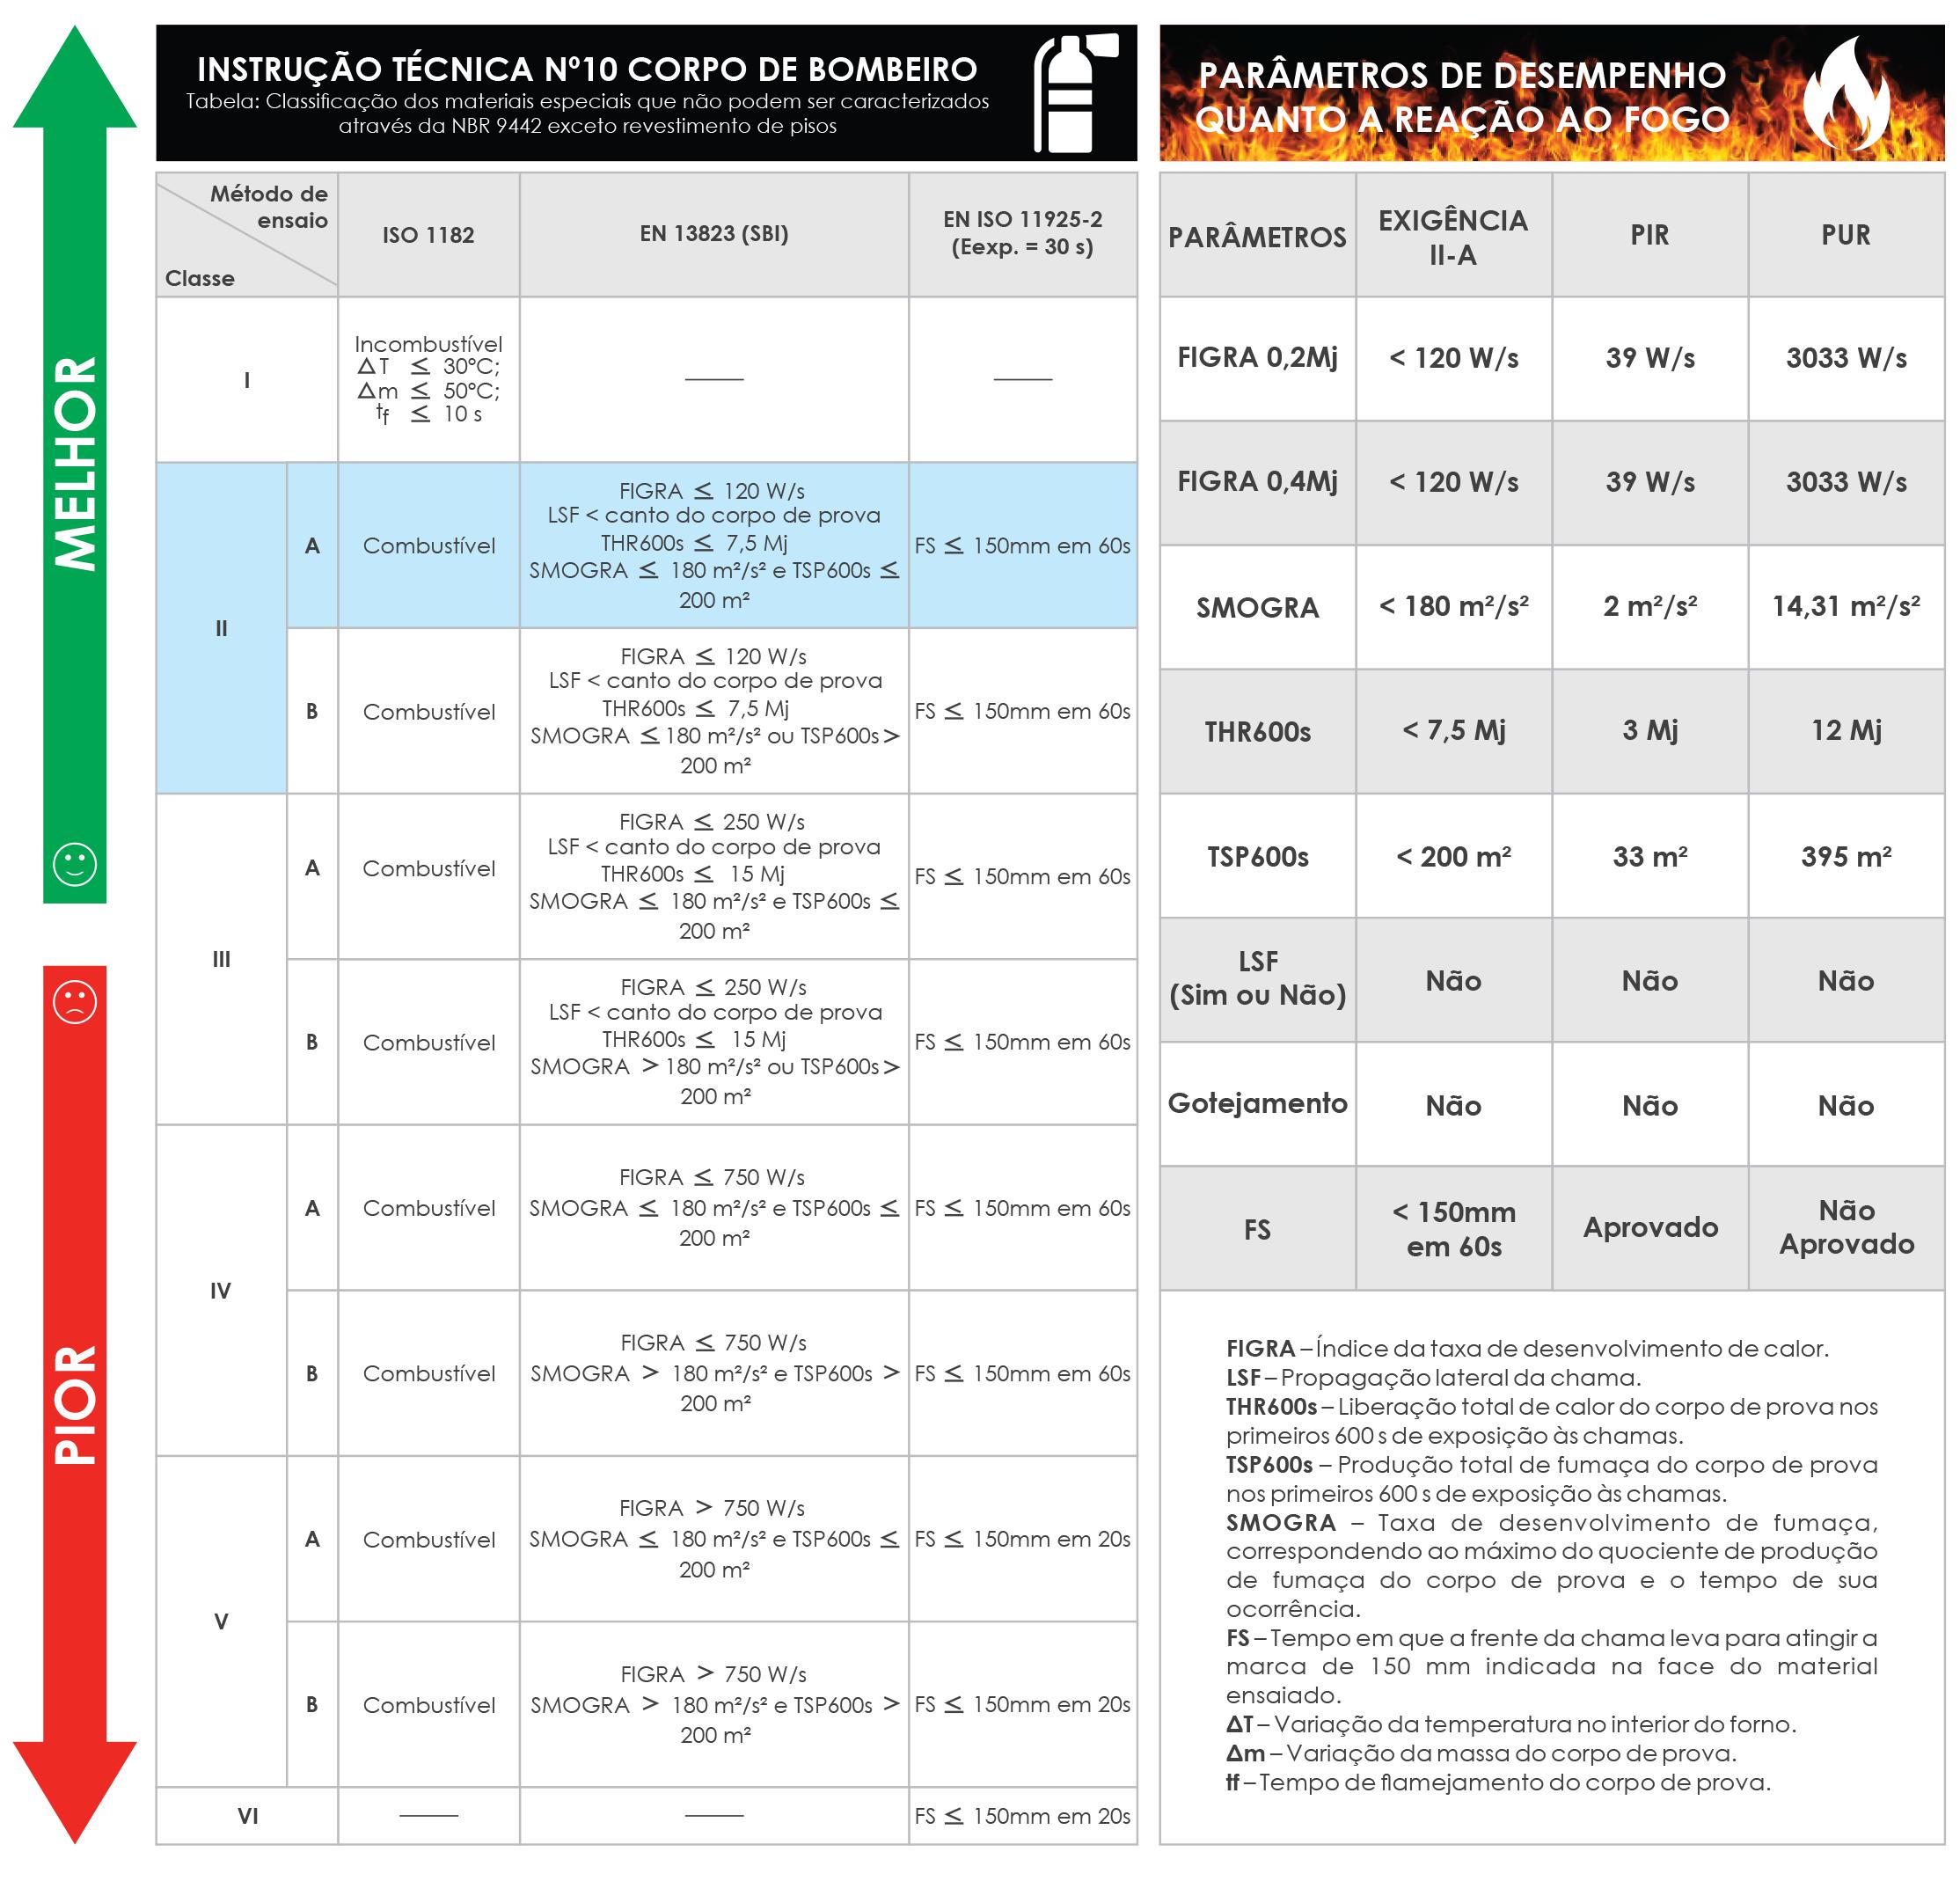 desempenho-nucleos-2.png